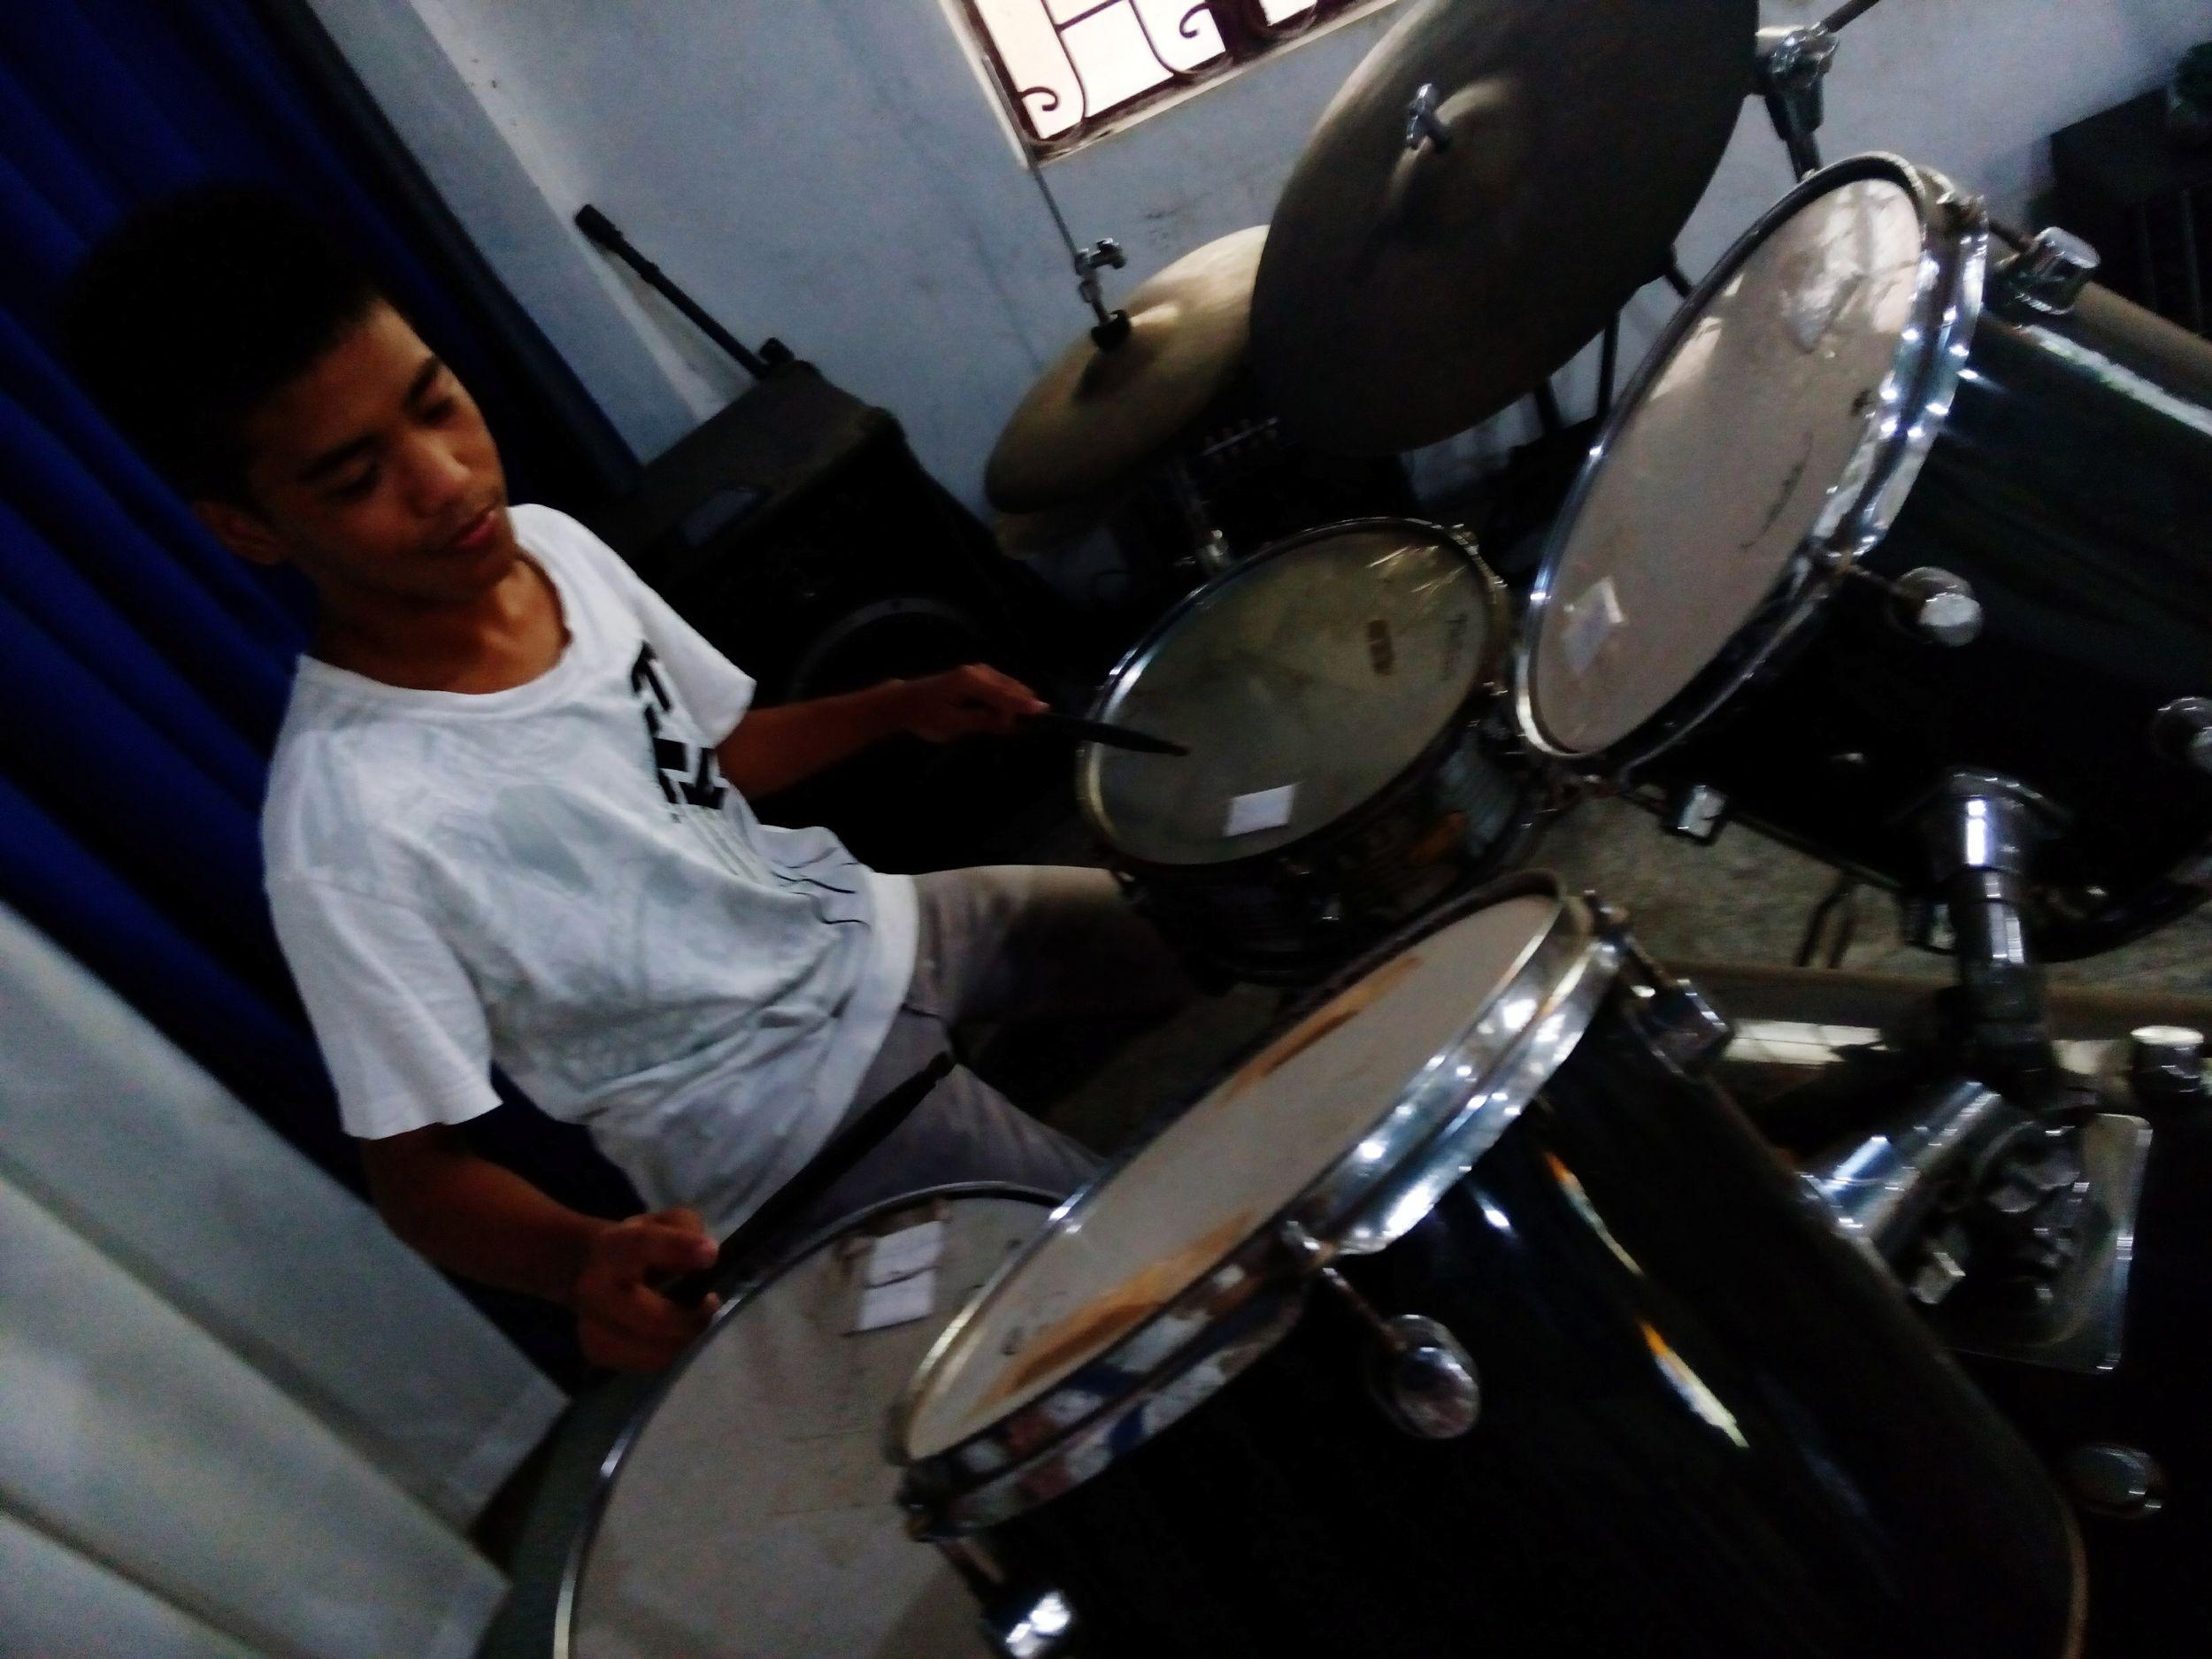 Lets rock n roll \m/ First Eyeem Photo